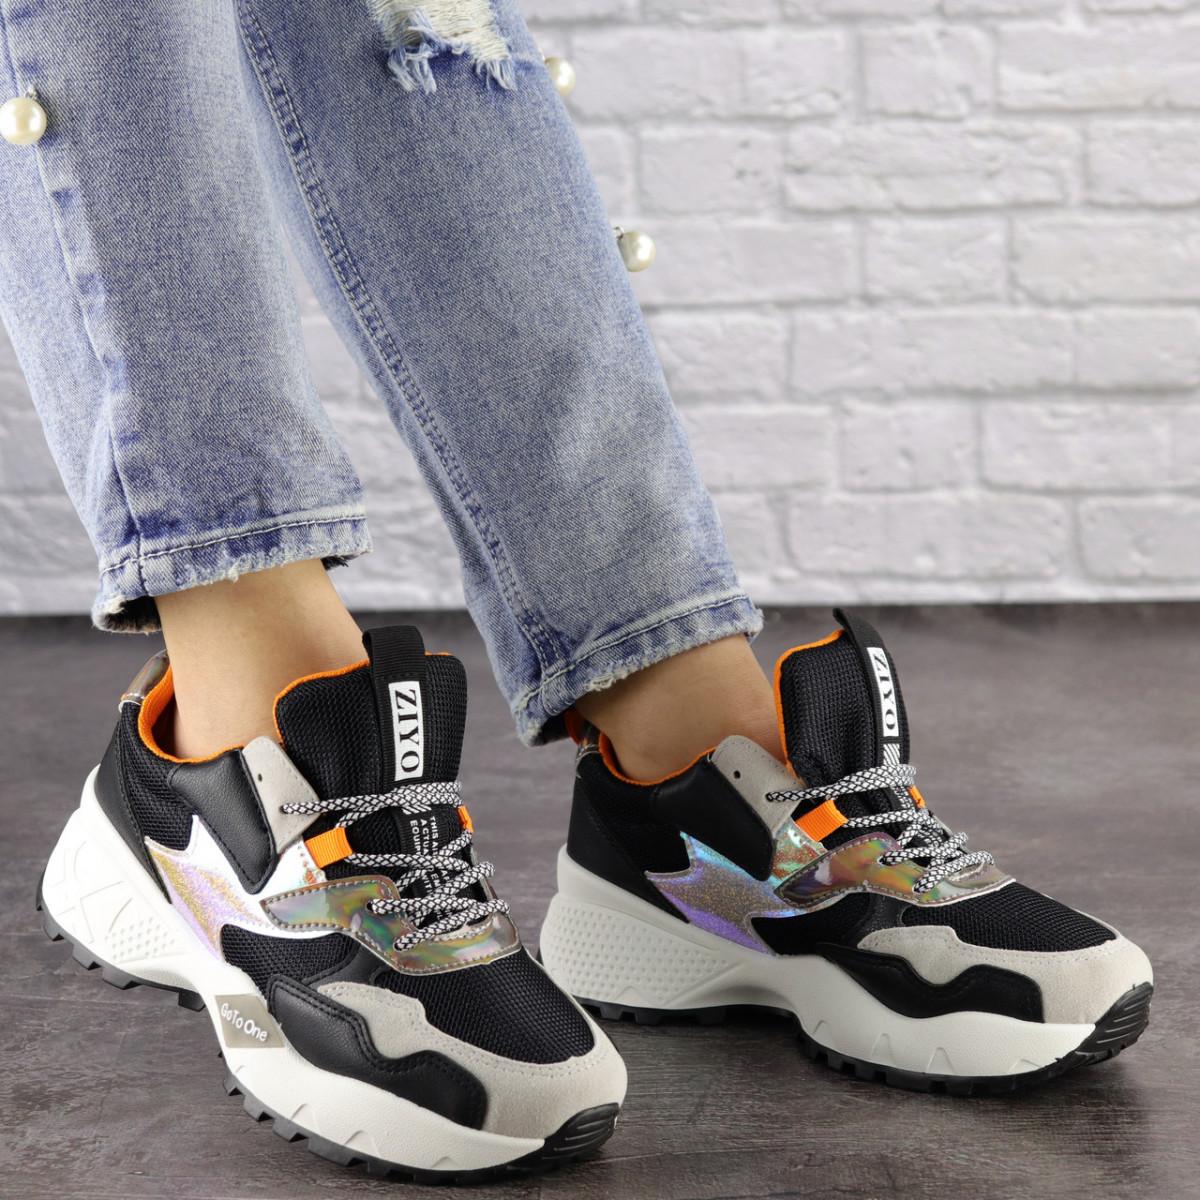 Жіночі кросівки Fashion Ulysse 1493 36 розмір 23 см Чорний